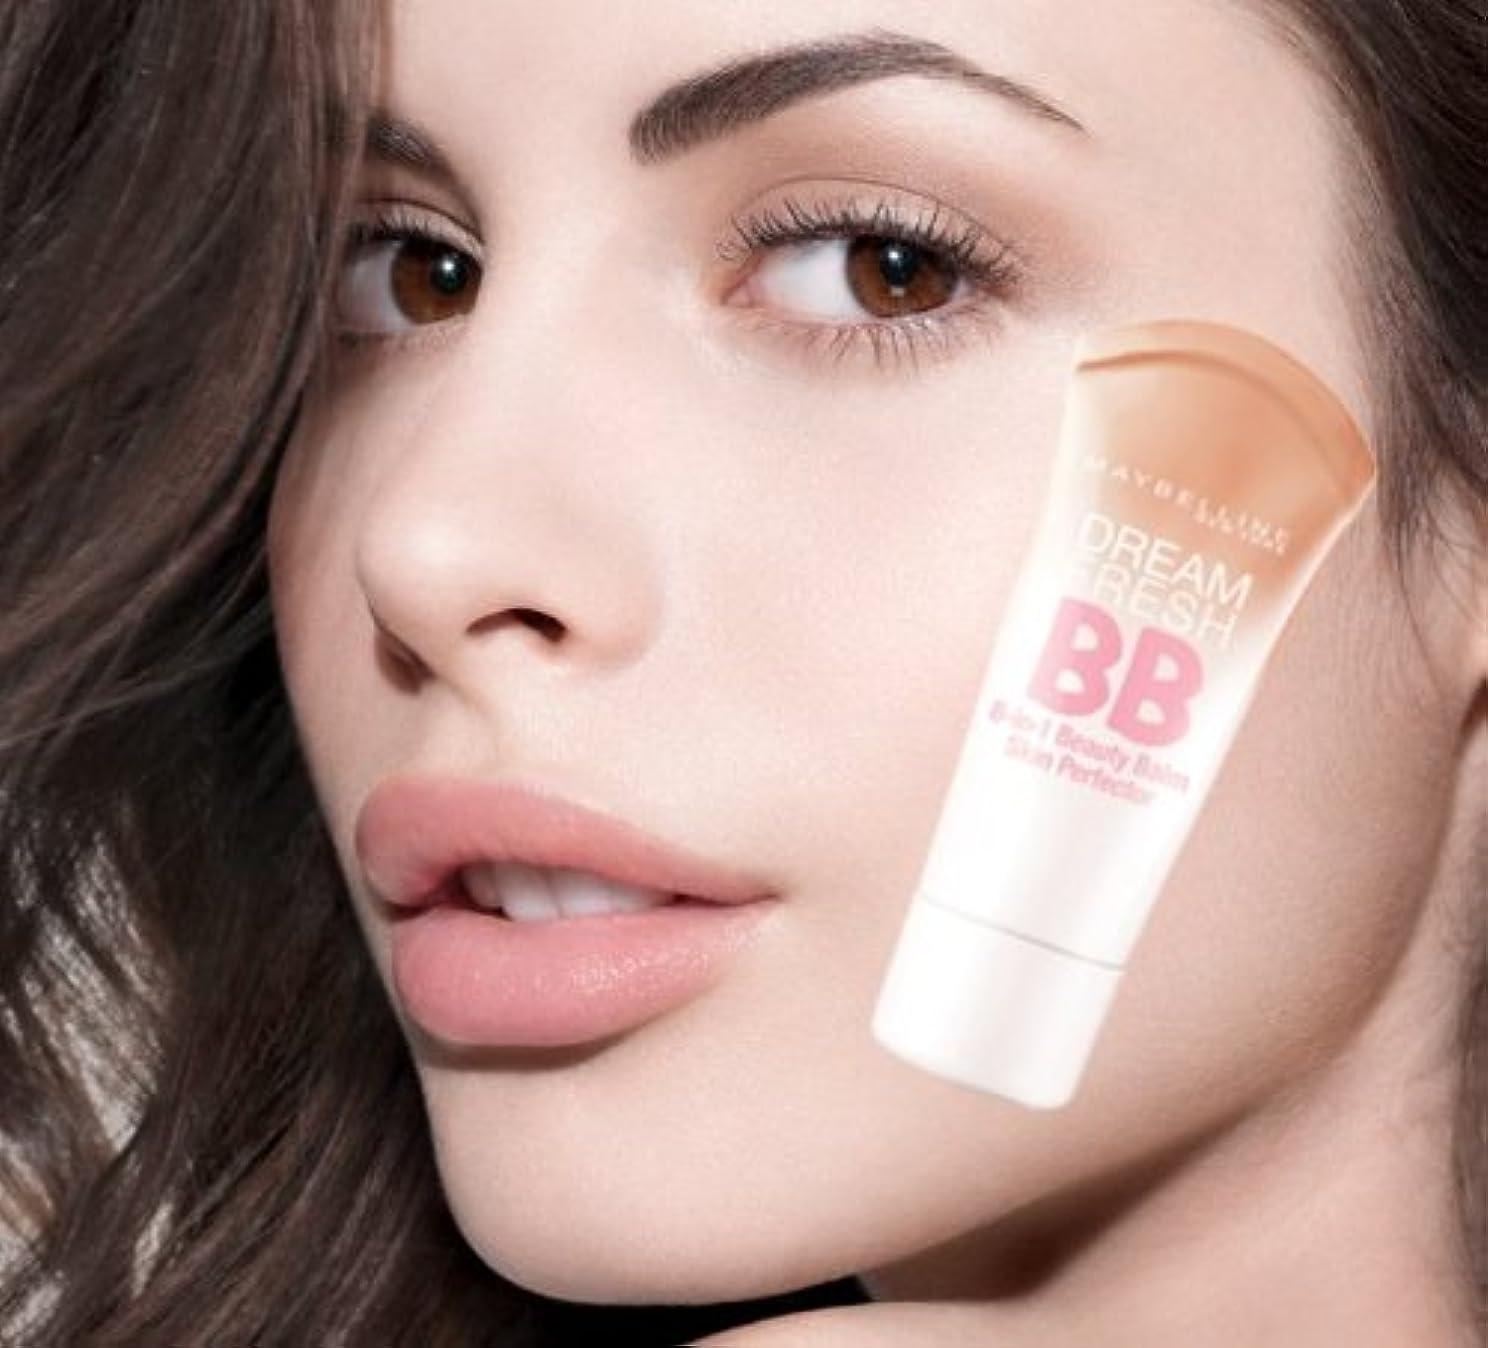 ガレージインシュレータ風刺メイベリン BBクリーム ミディアムカラー SPF 30*Maybelline Dream Fresh BB Cream 30ml【平行輸入品】